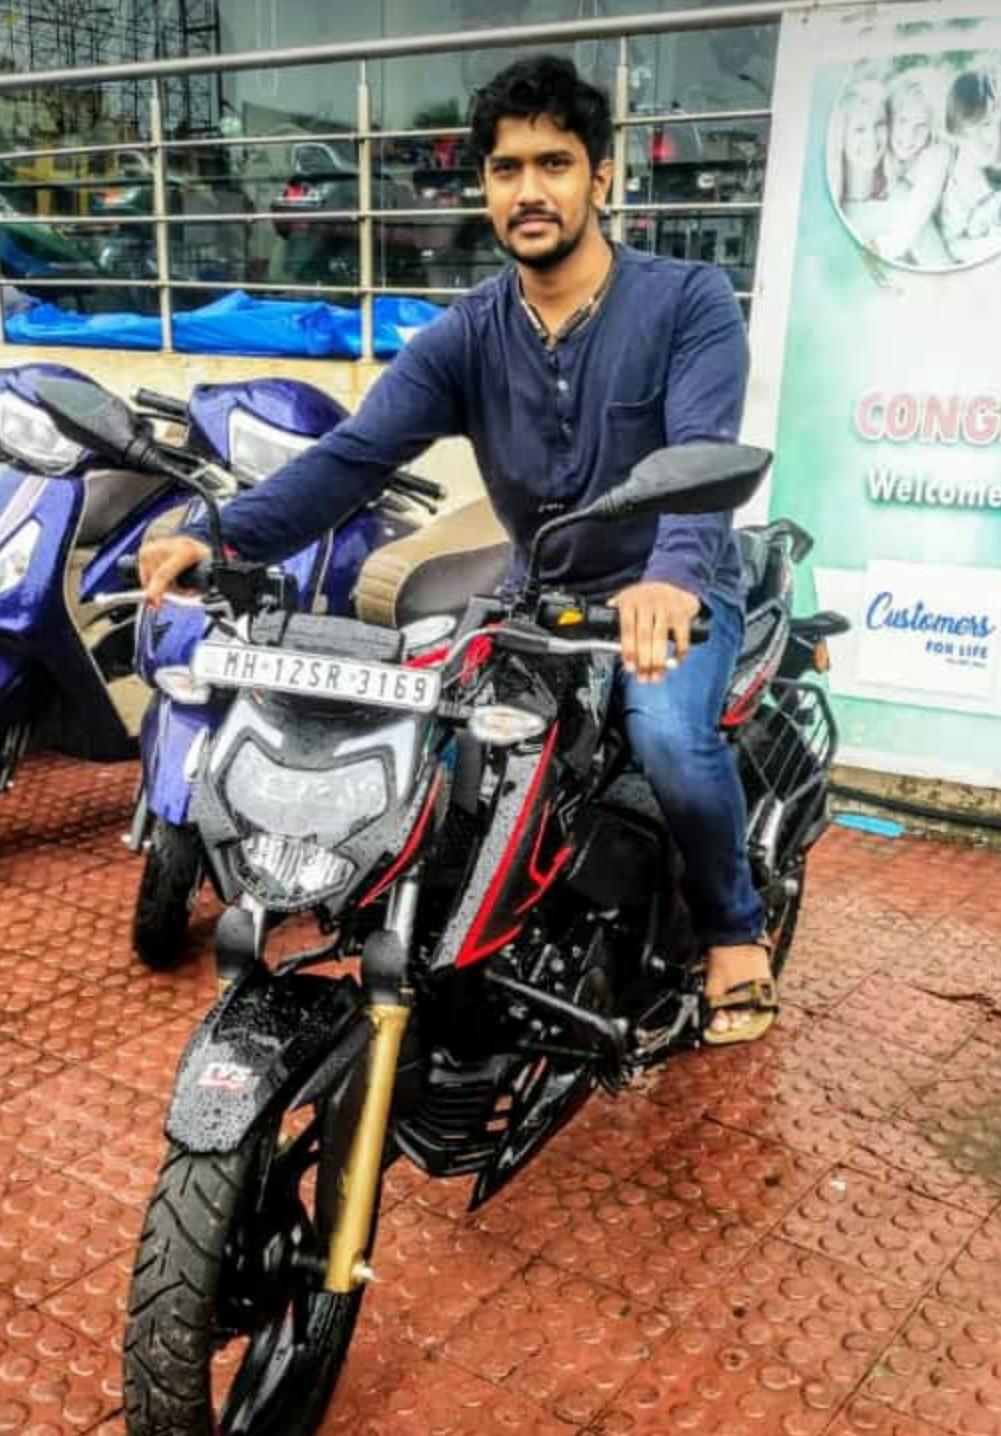 Sumit Kanegaonkar